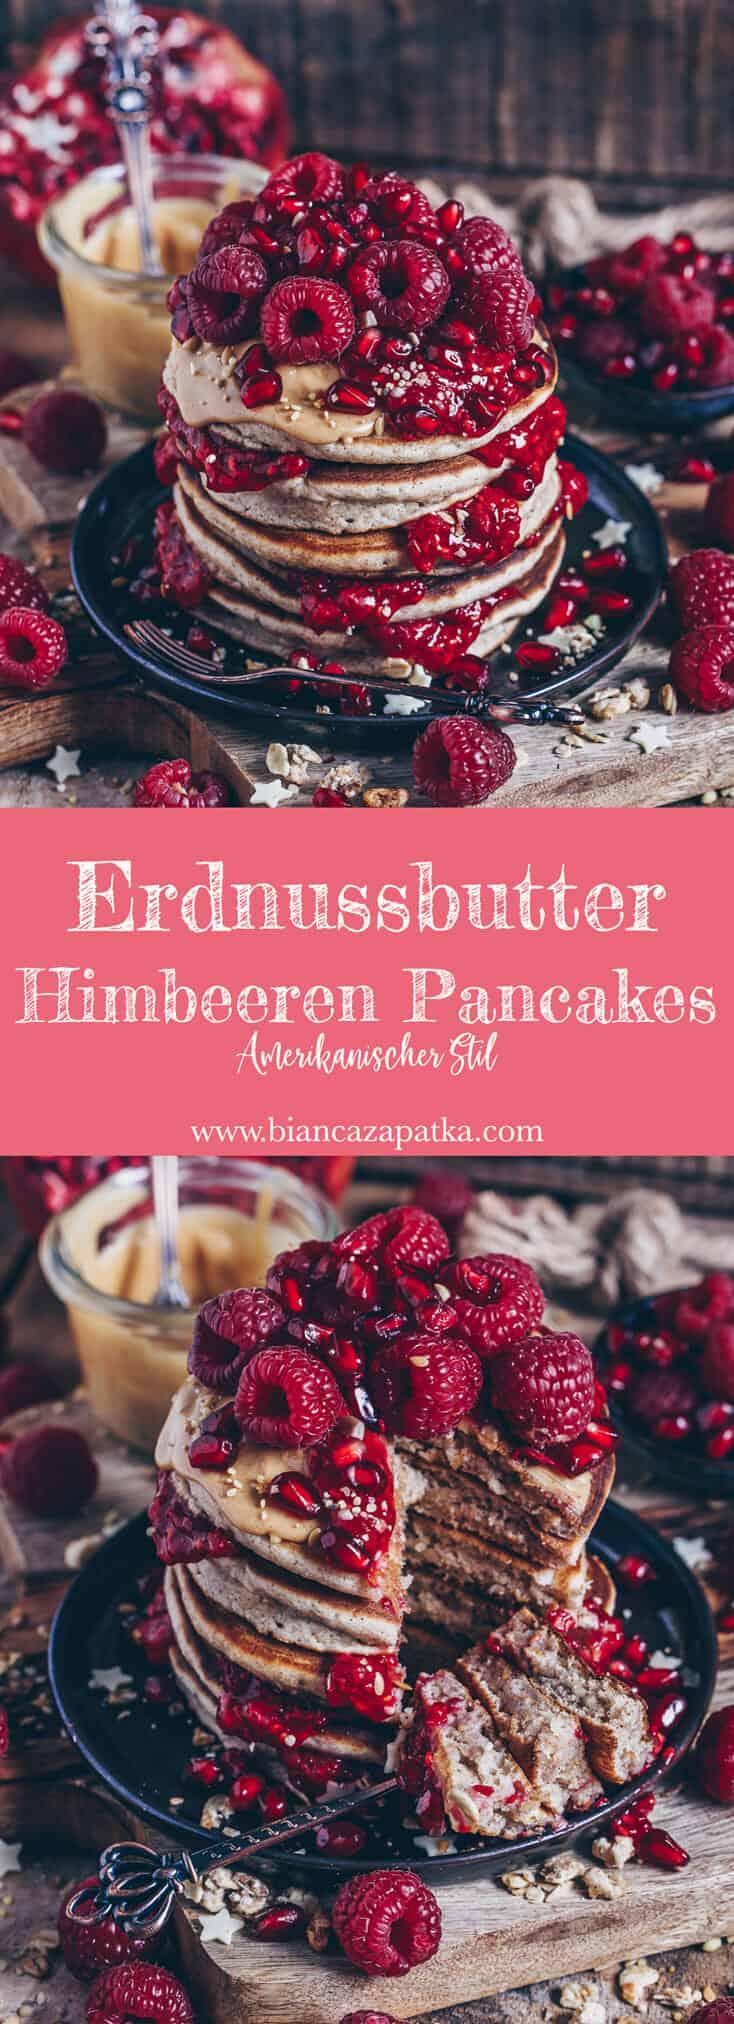 Rezept für fluffige amerikanische Erdnussbutter Marmeladen Pfannkuchen mit Kokos Geschmack und veganer Option - gesund, lecker, einfach und schnell zubereitet!